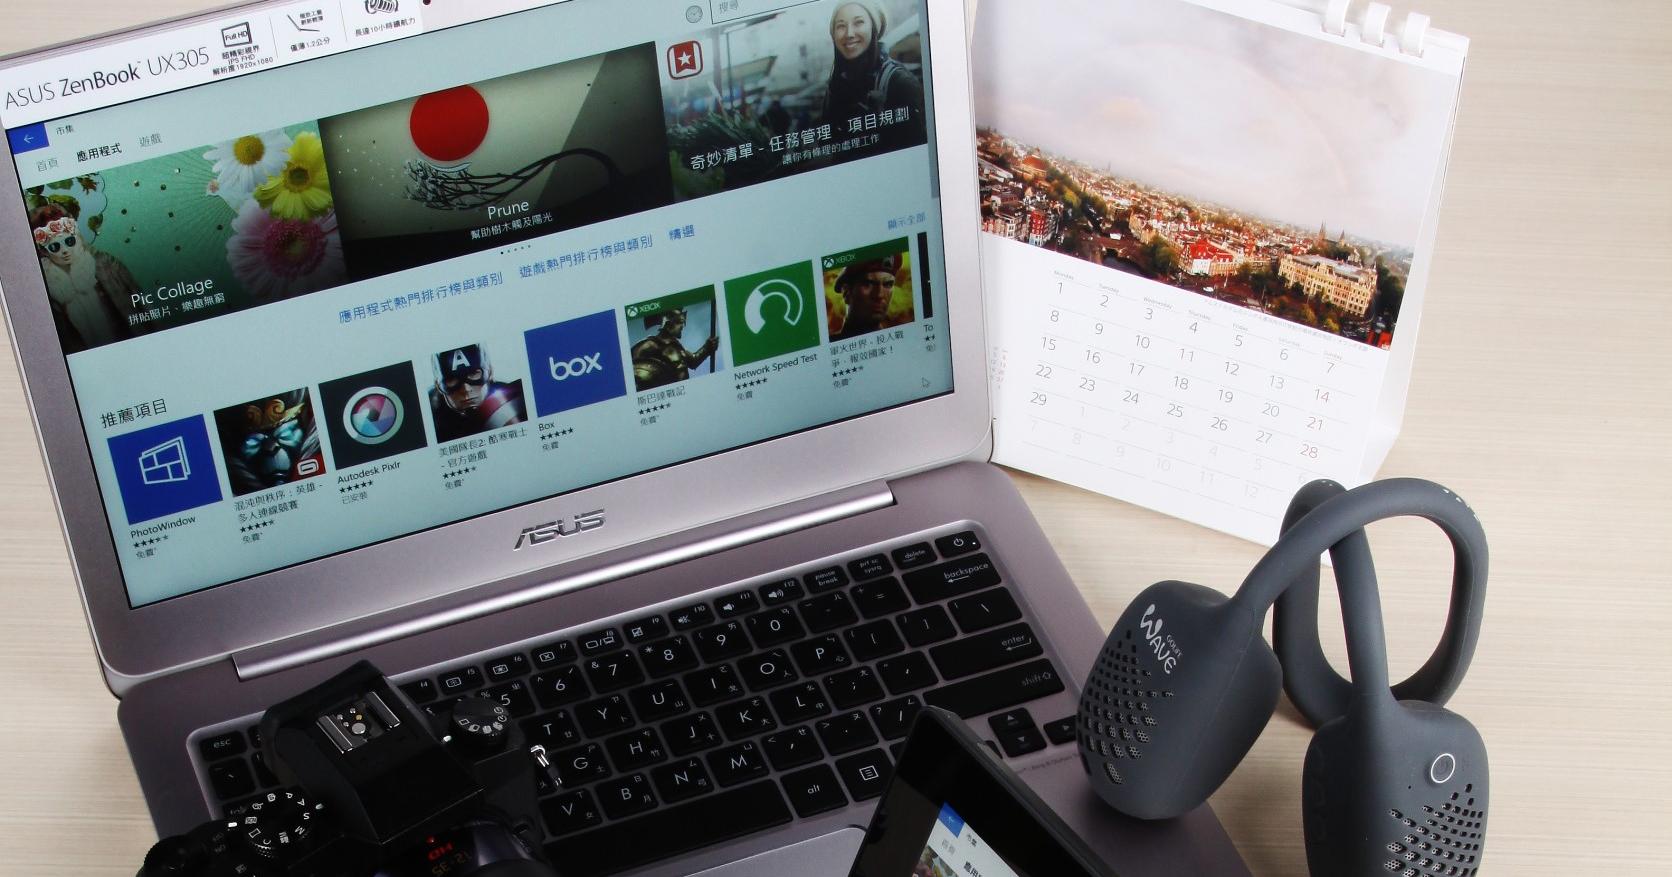 電腦應用展怎麼買:二合一筆電愈見輕薄,電競筆電選擇更多